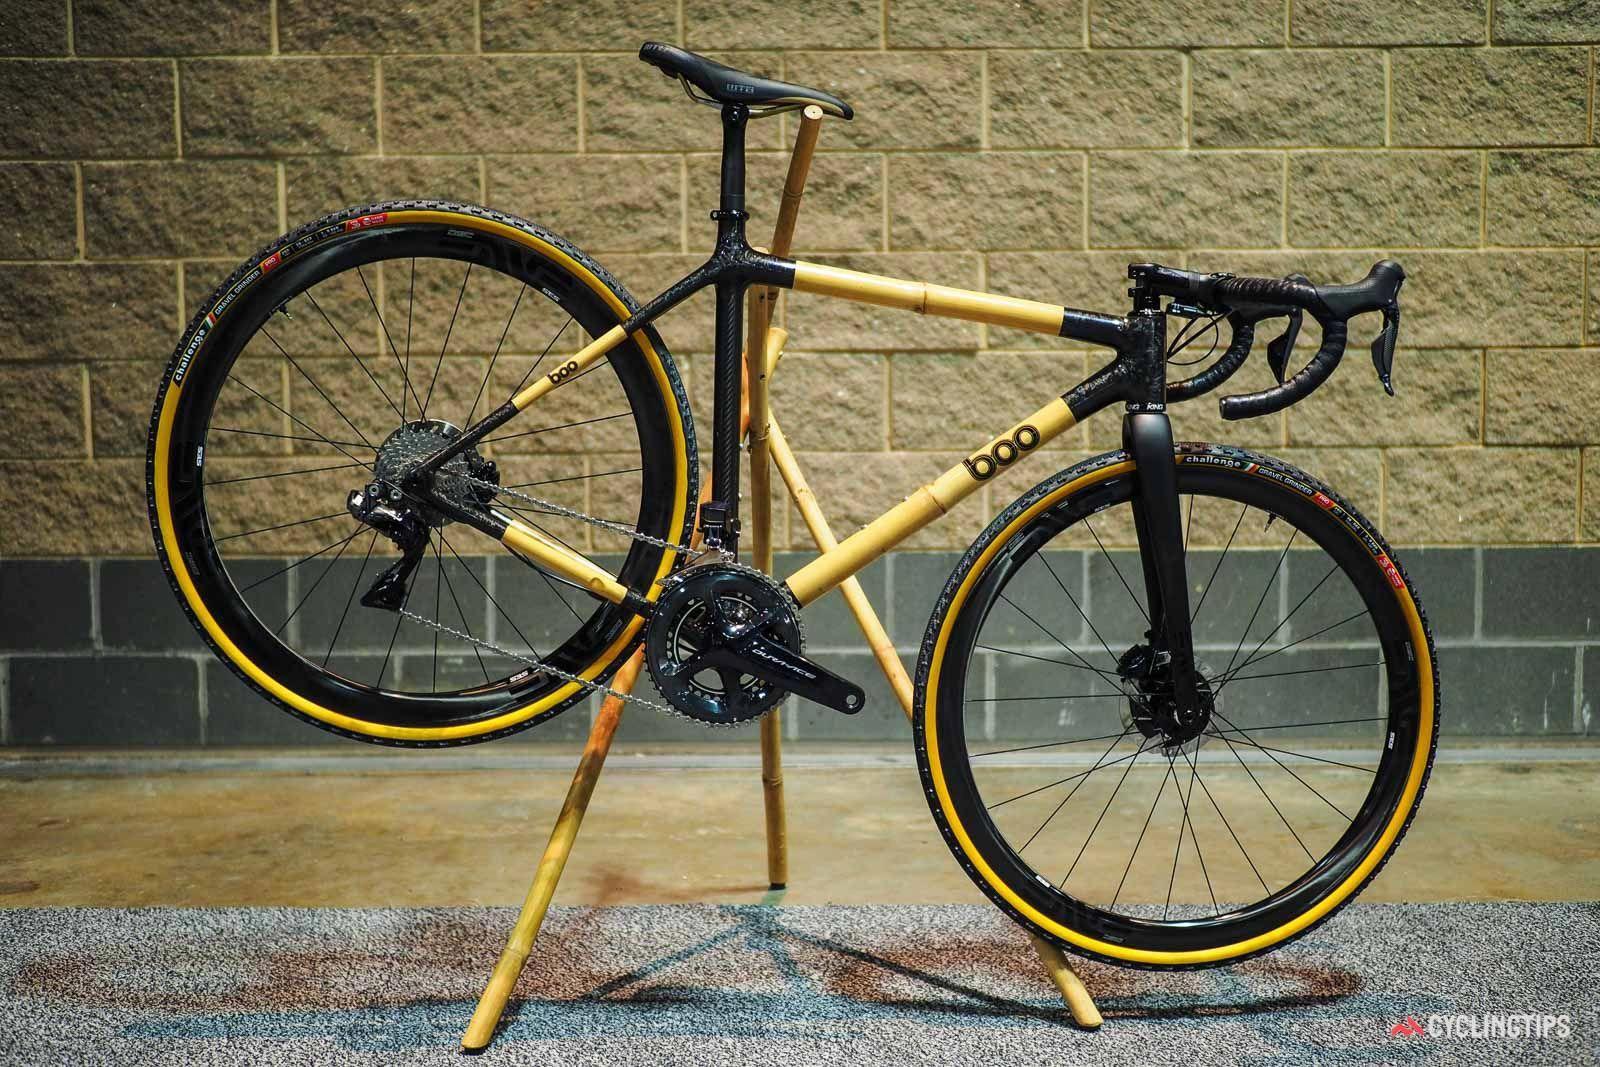 Boo Bicycles Gravel Bike Bestroadbikes Bicycle Maintenance